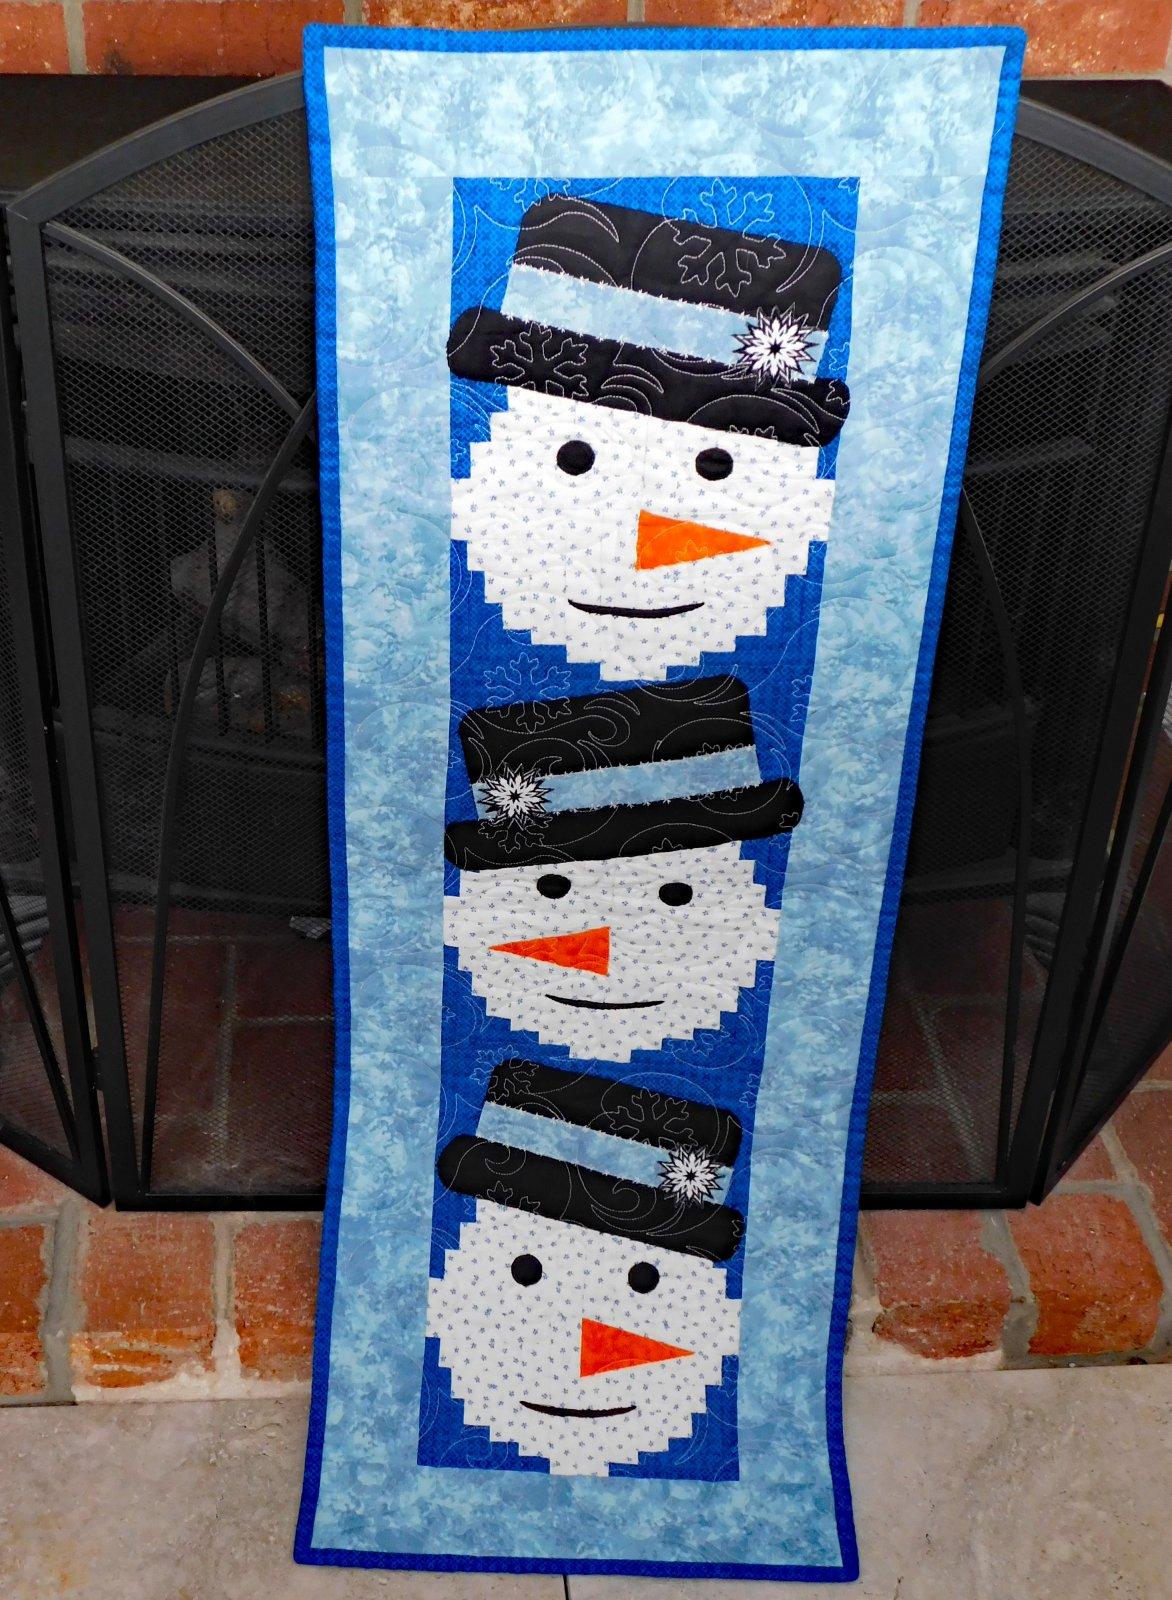 Frosty n Friends- Grids Girls Block Party # 9